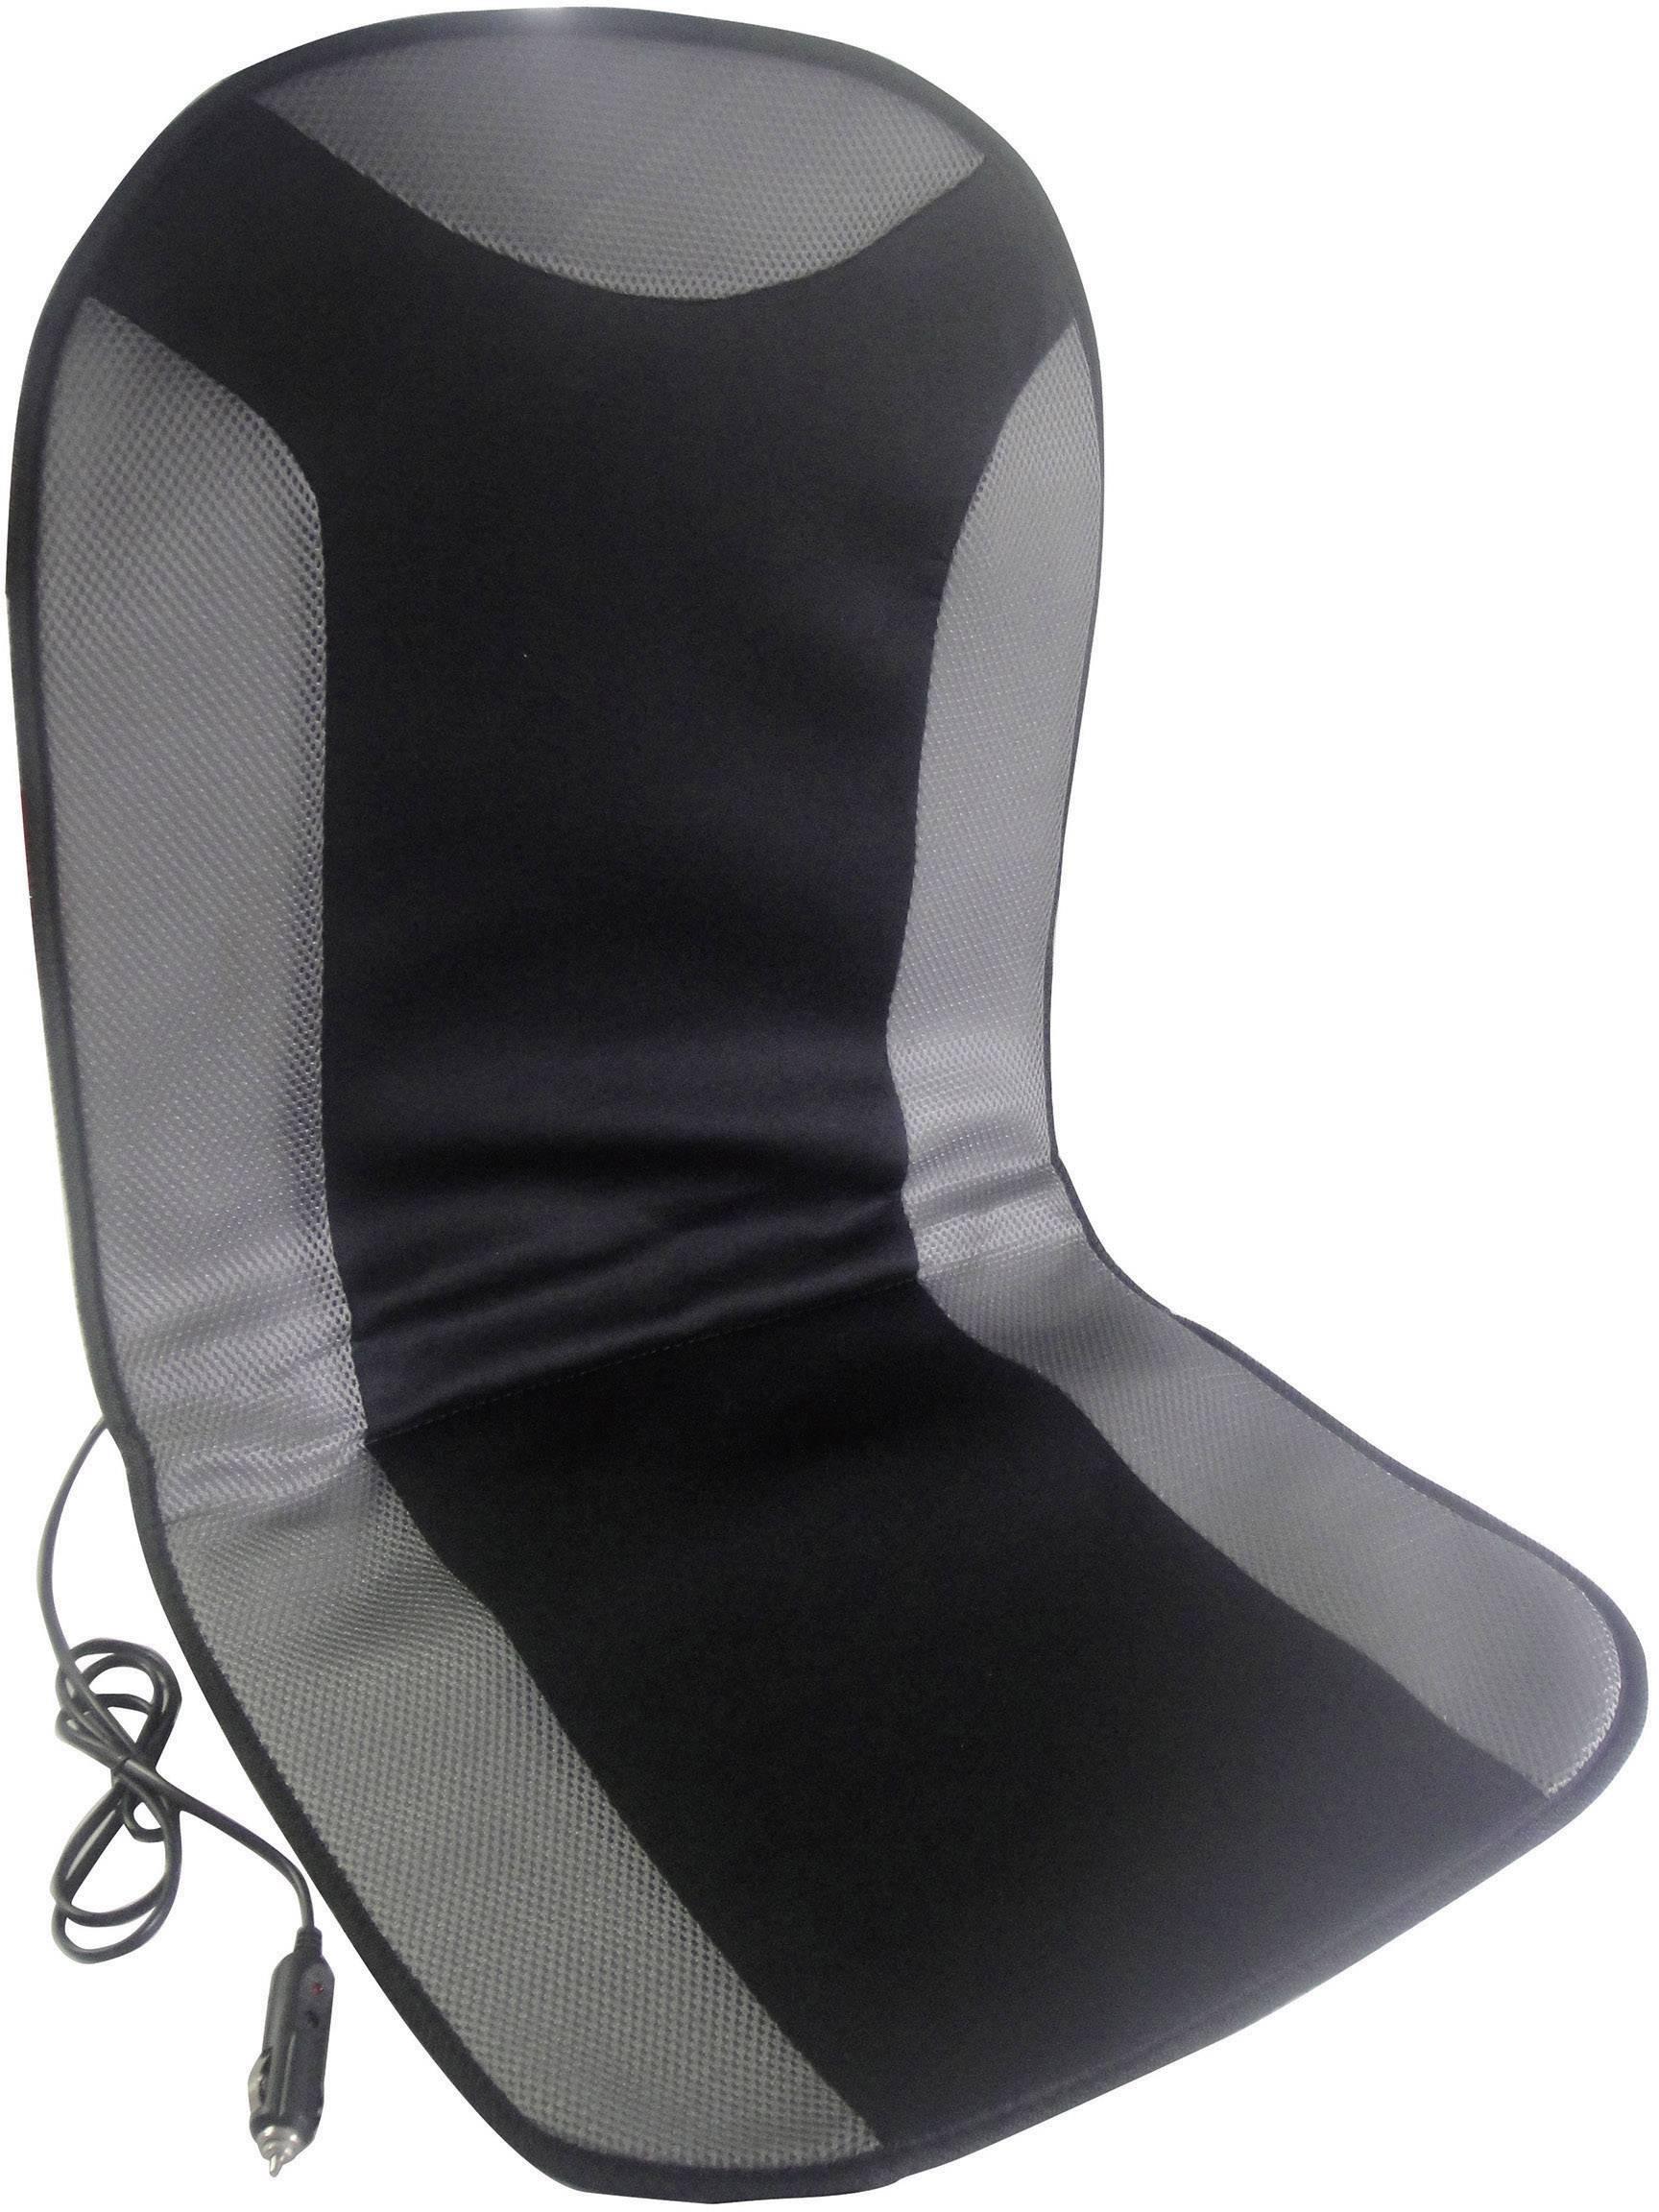 Vyhřívaný potah sedačky 12 V